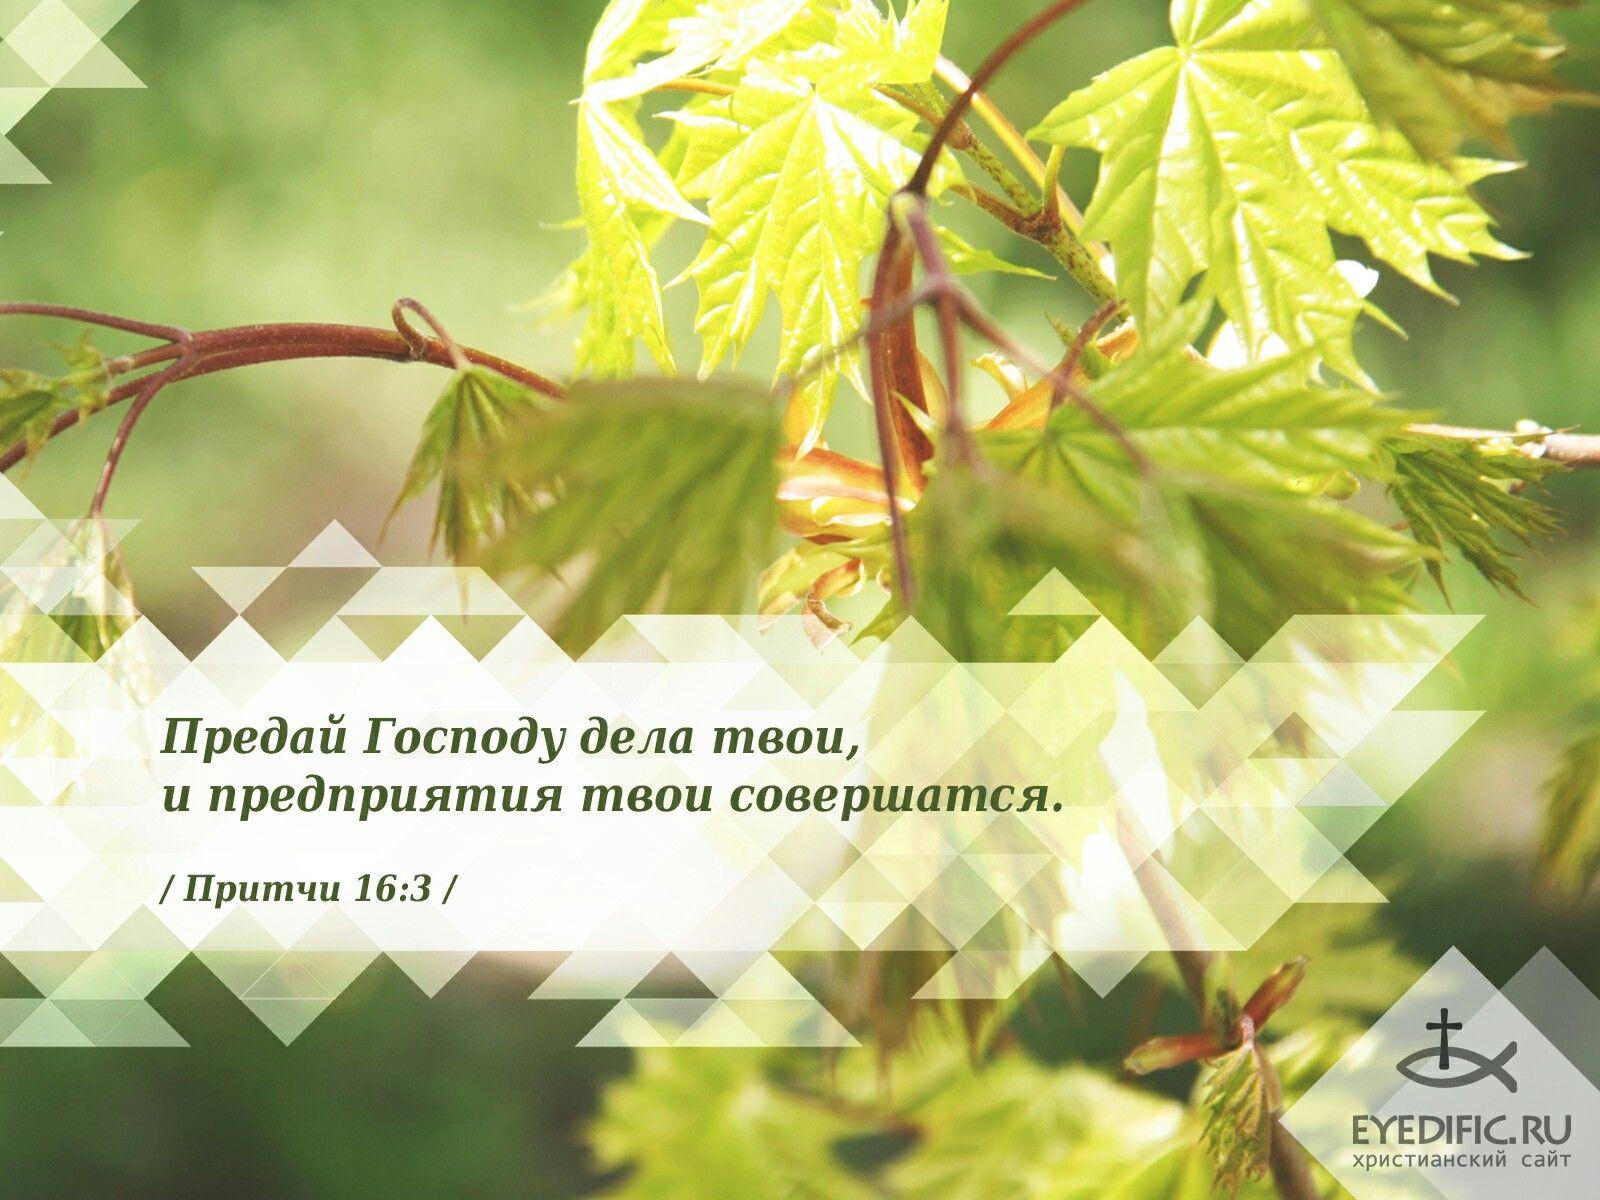 Библейский открытки, надписью